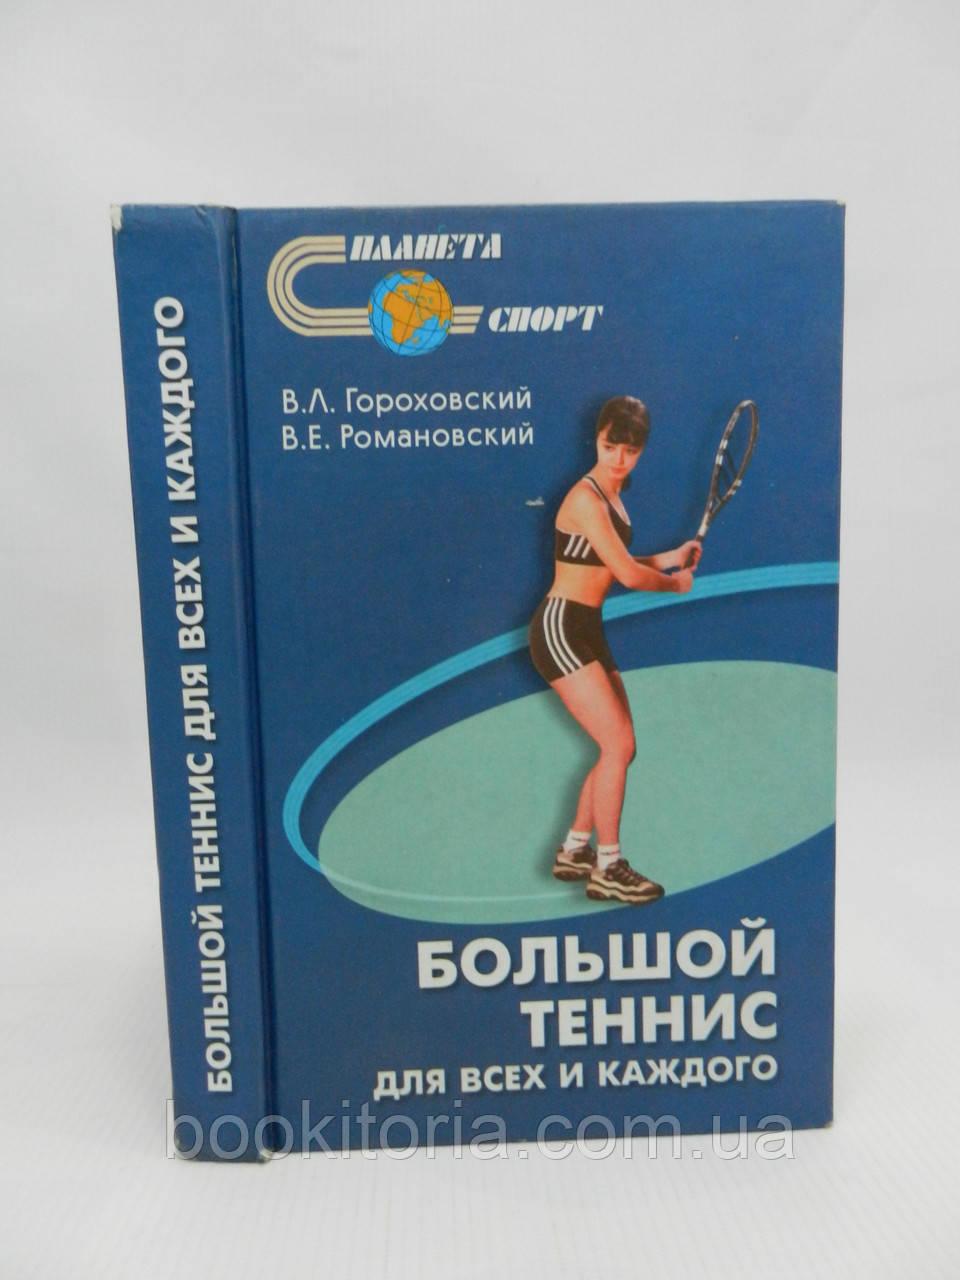 Гороховский Г.Л., Романовский В.Е. Большой теннис: для всех и каждого (б/у).